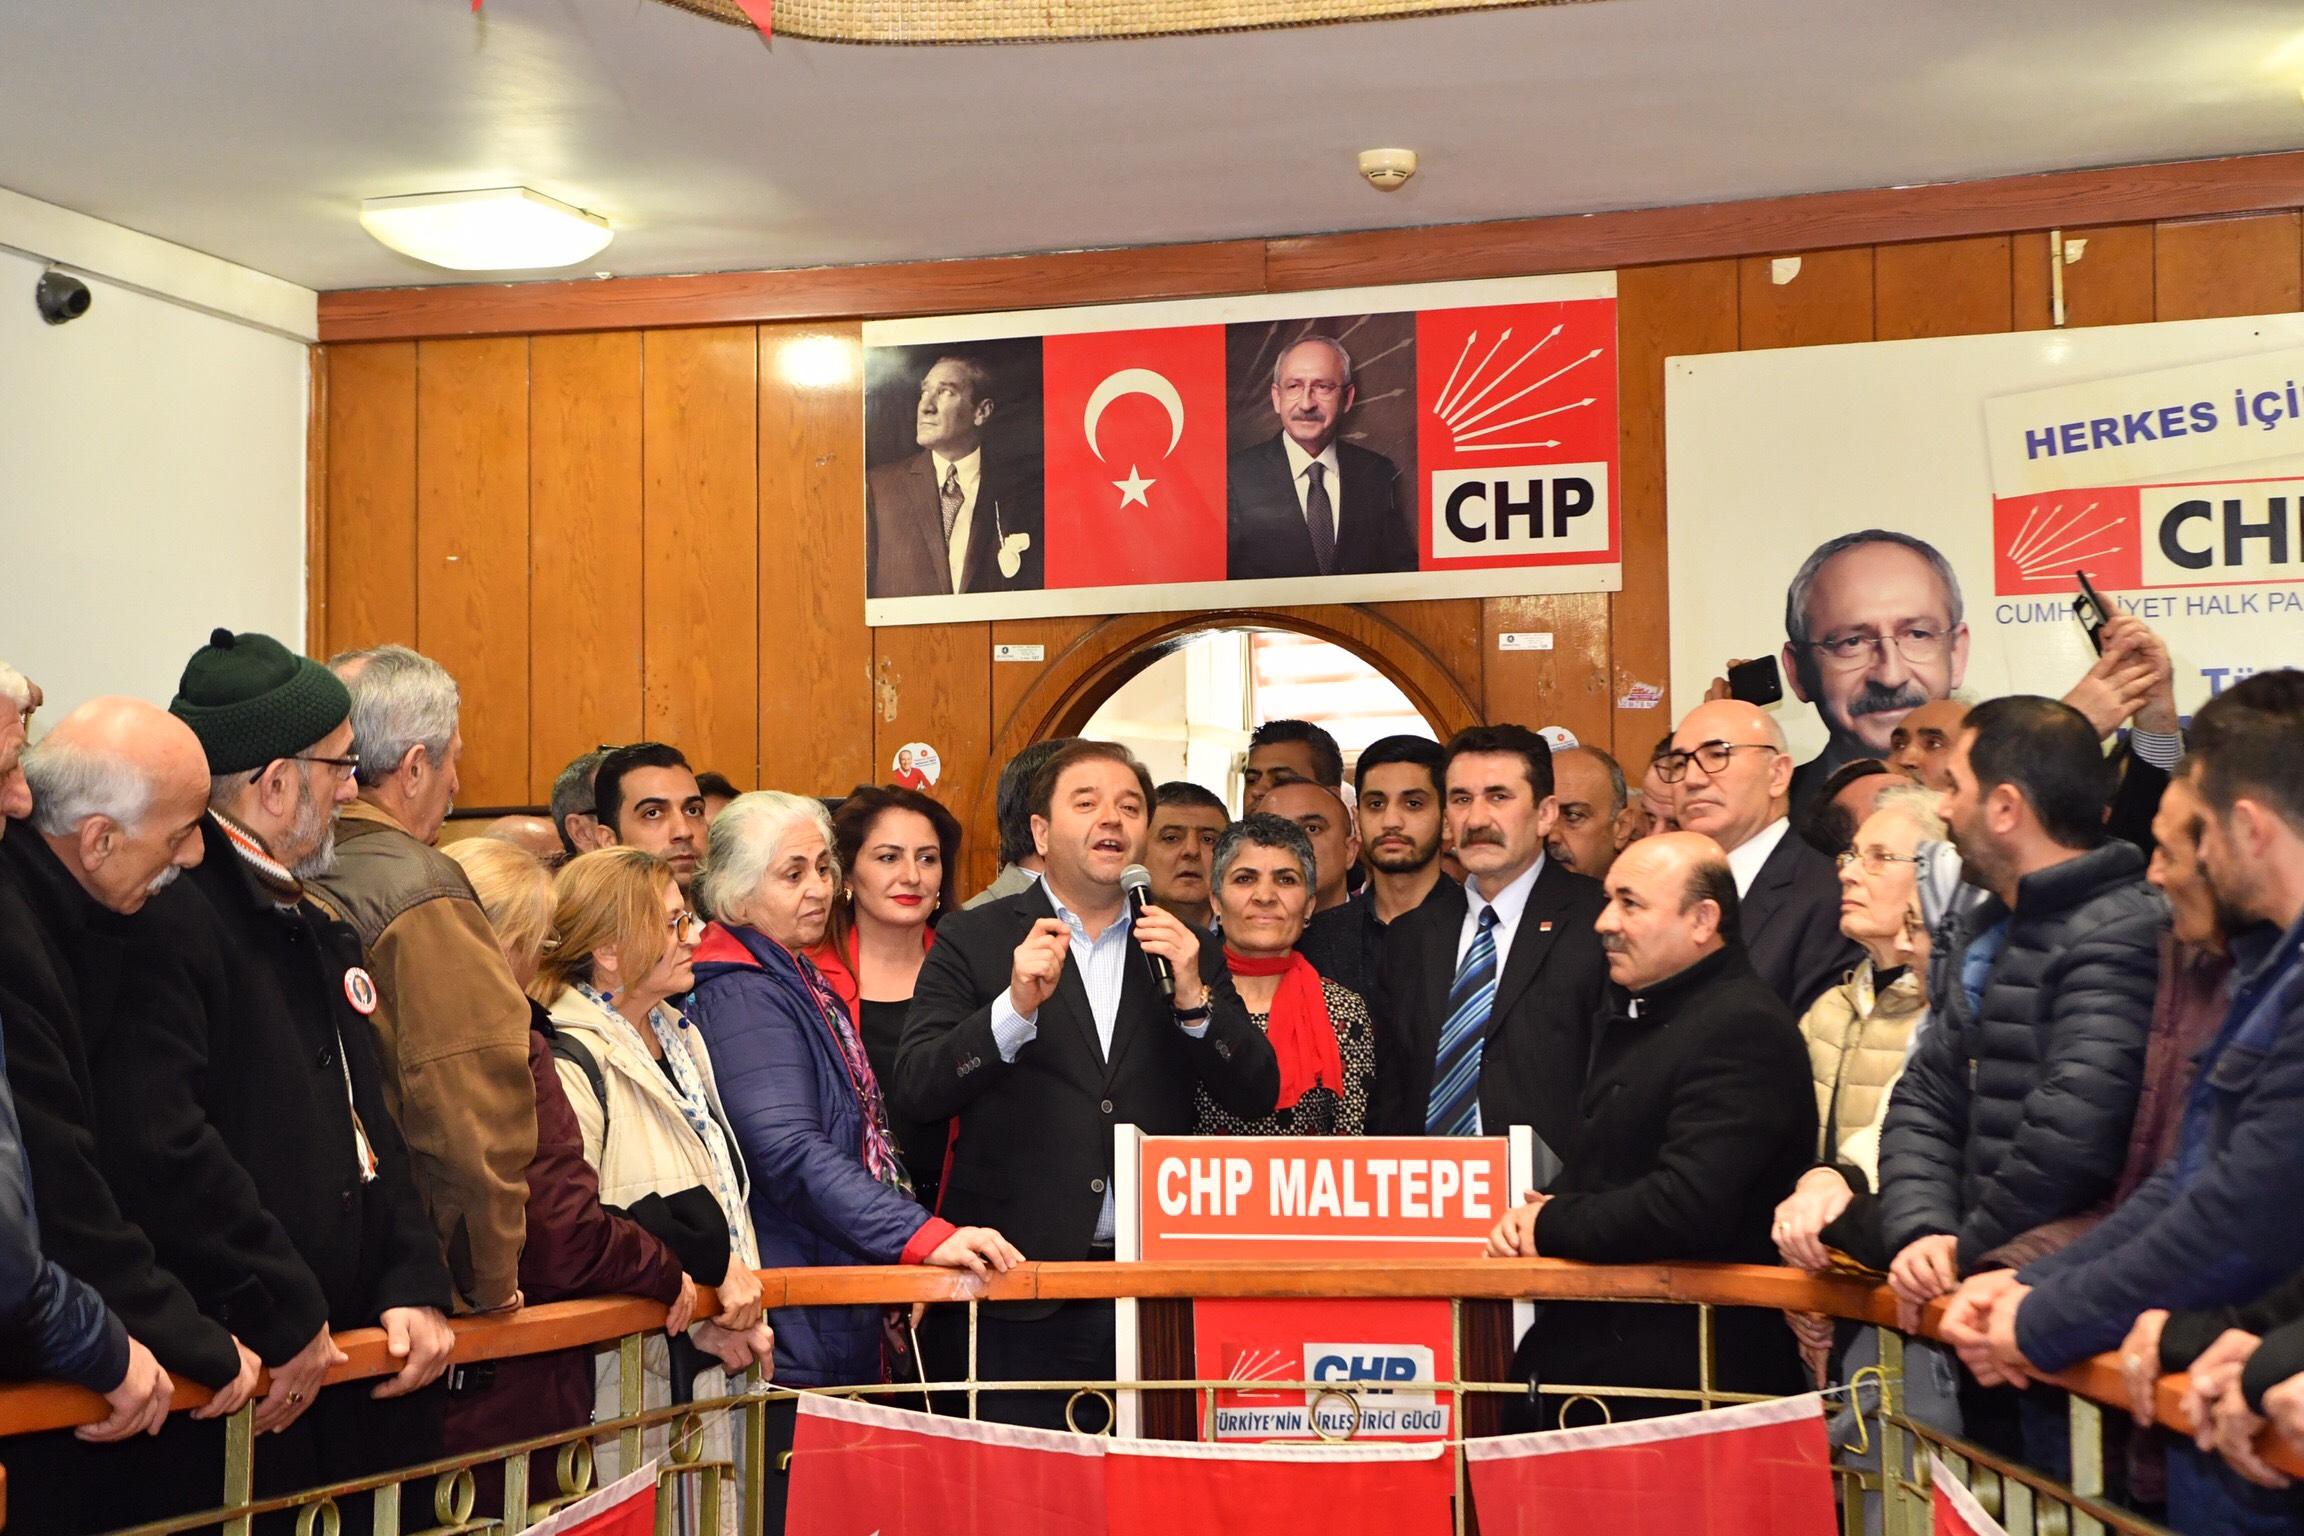 CHP MALTEPE'DE ALİ KILIÇ COŞKUSU